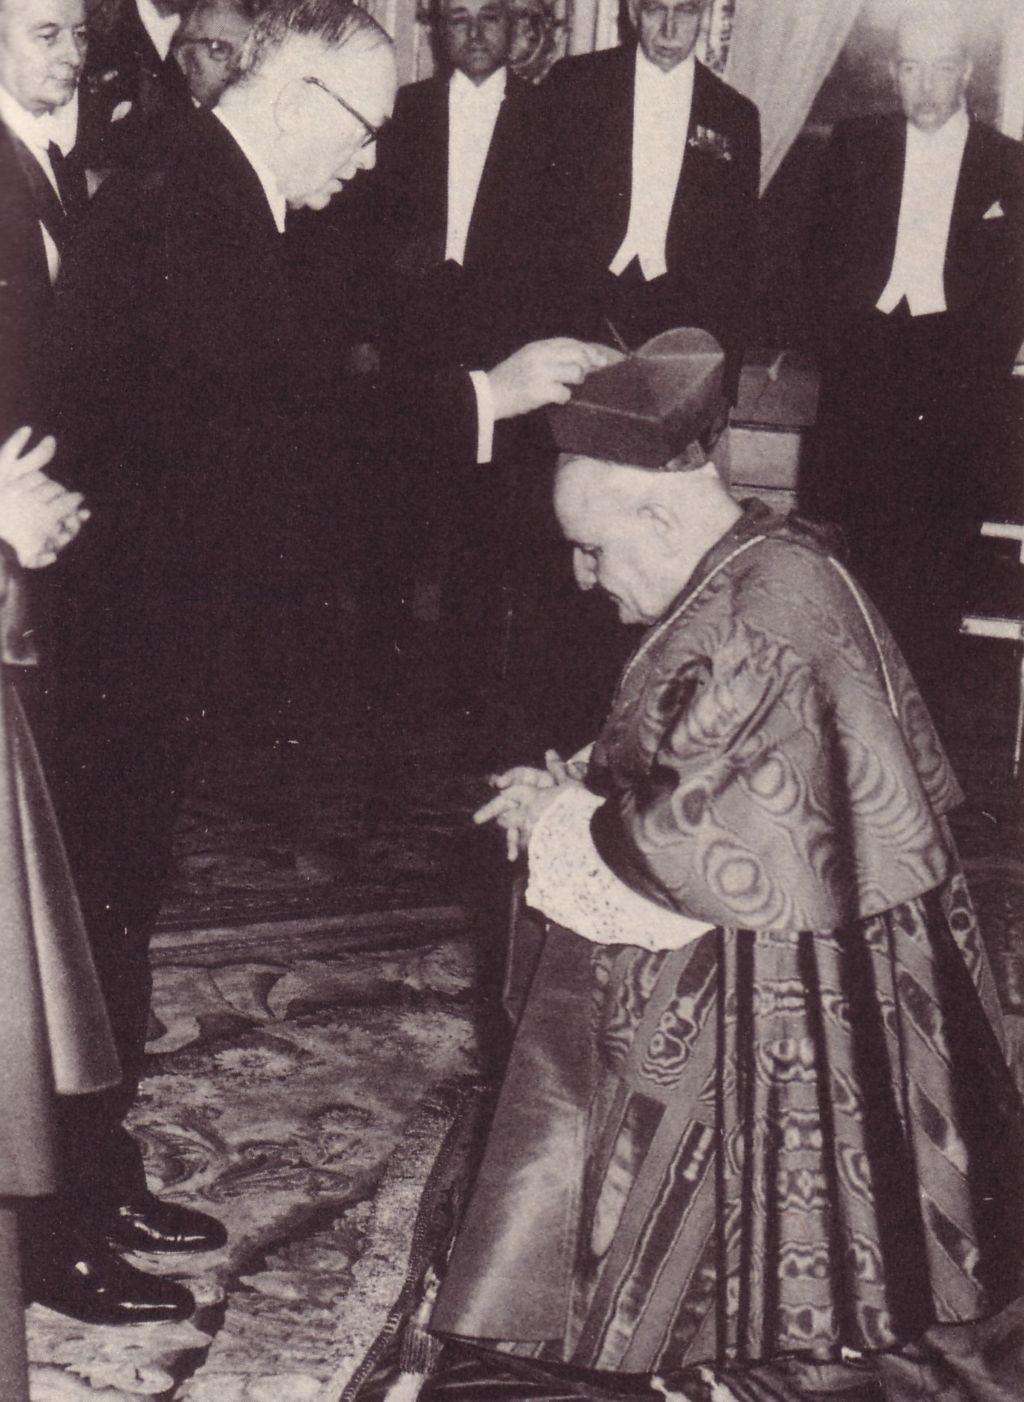 Jean XXIII, en tant que cardinal, choisissant de recevoir sa barrette de cardinal de la part de <strong>l'anti-catholique notoire</strong> Vincent Auriol.